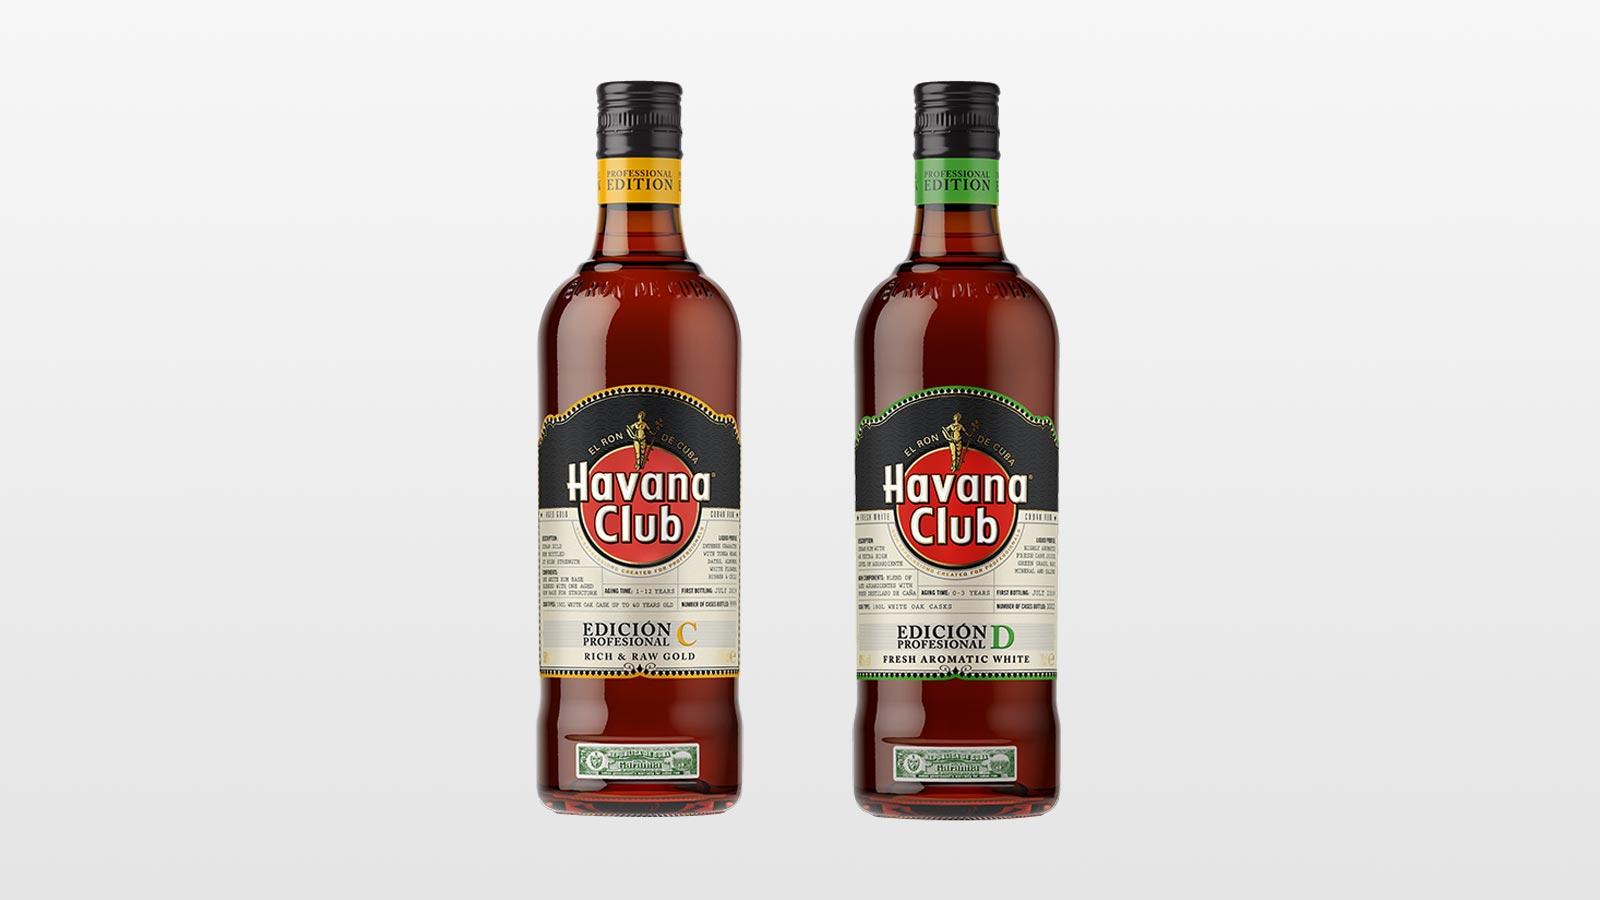 Havana Club Professional Edición C & Edición D